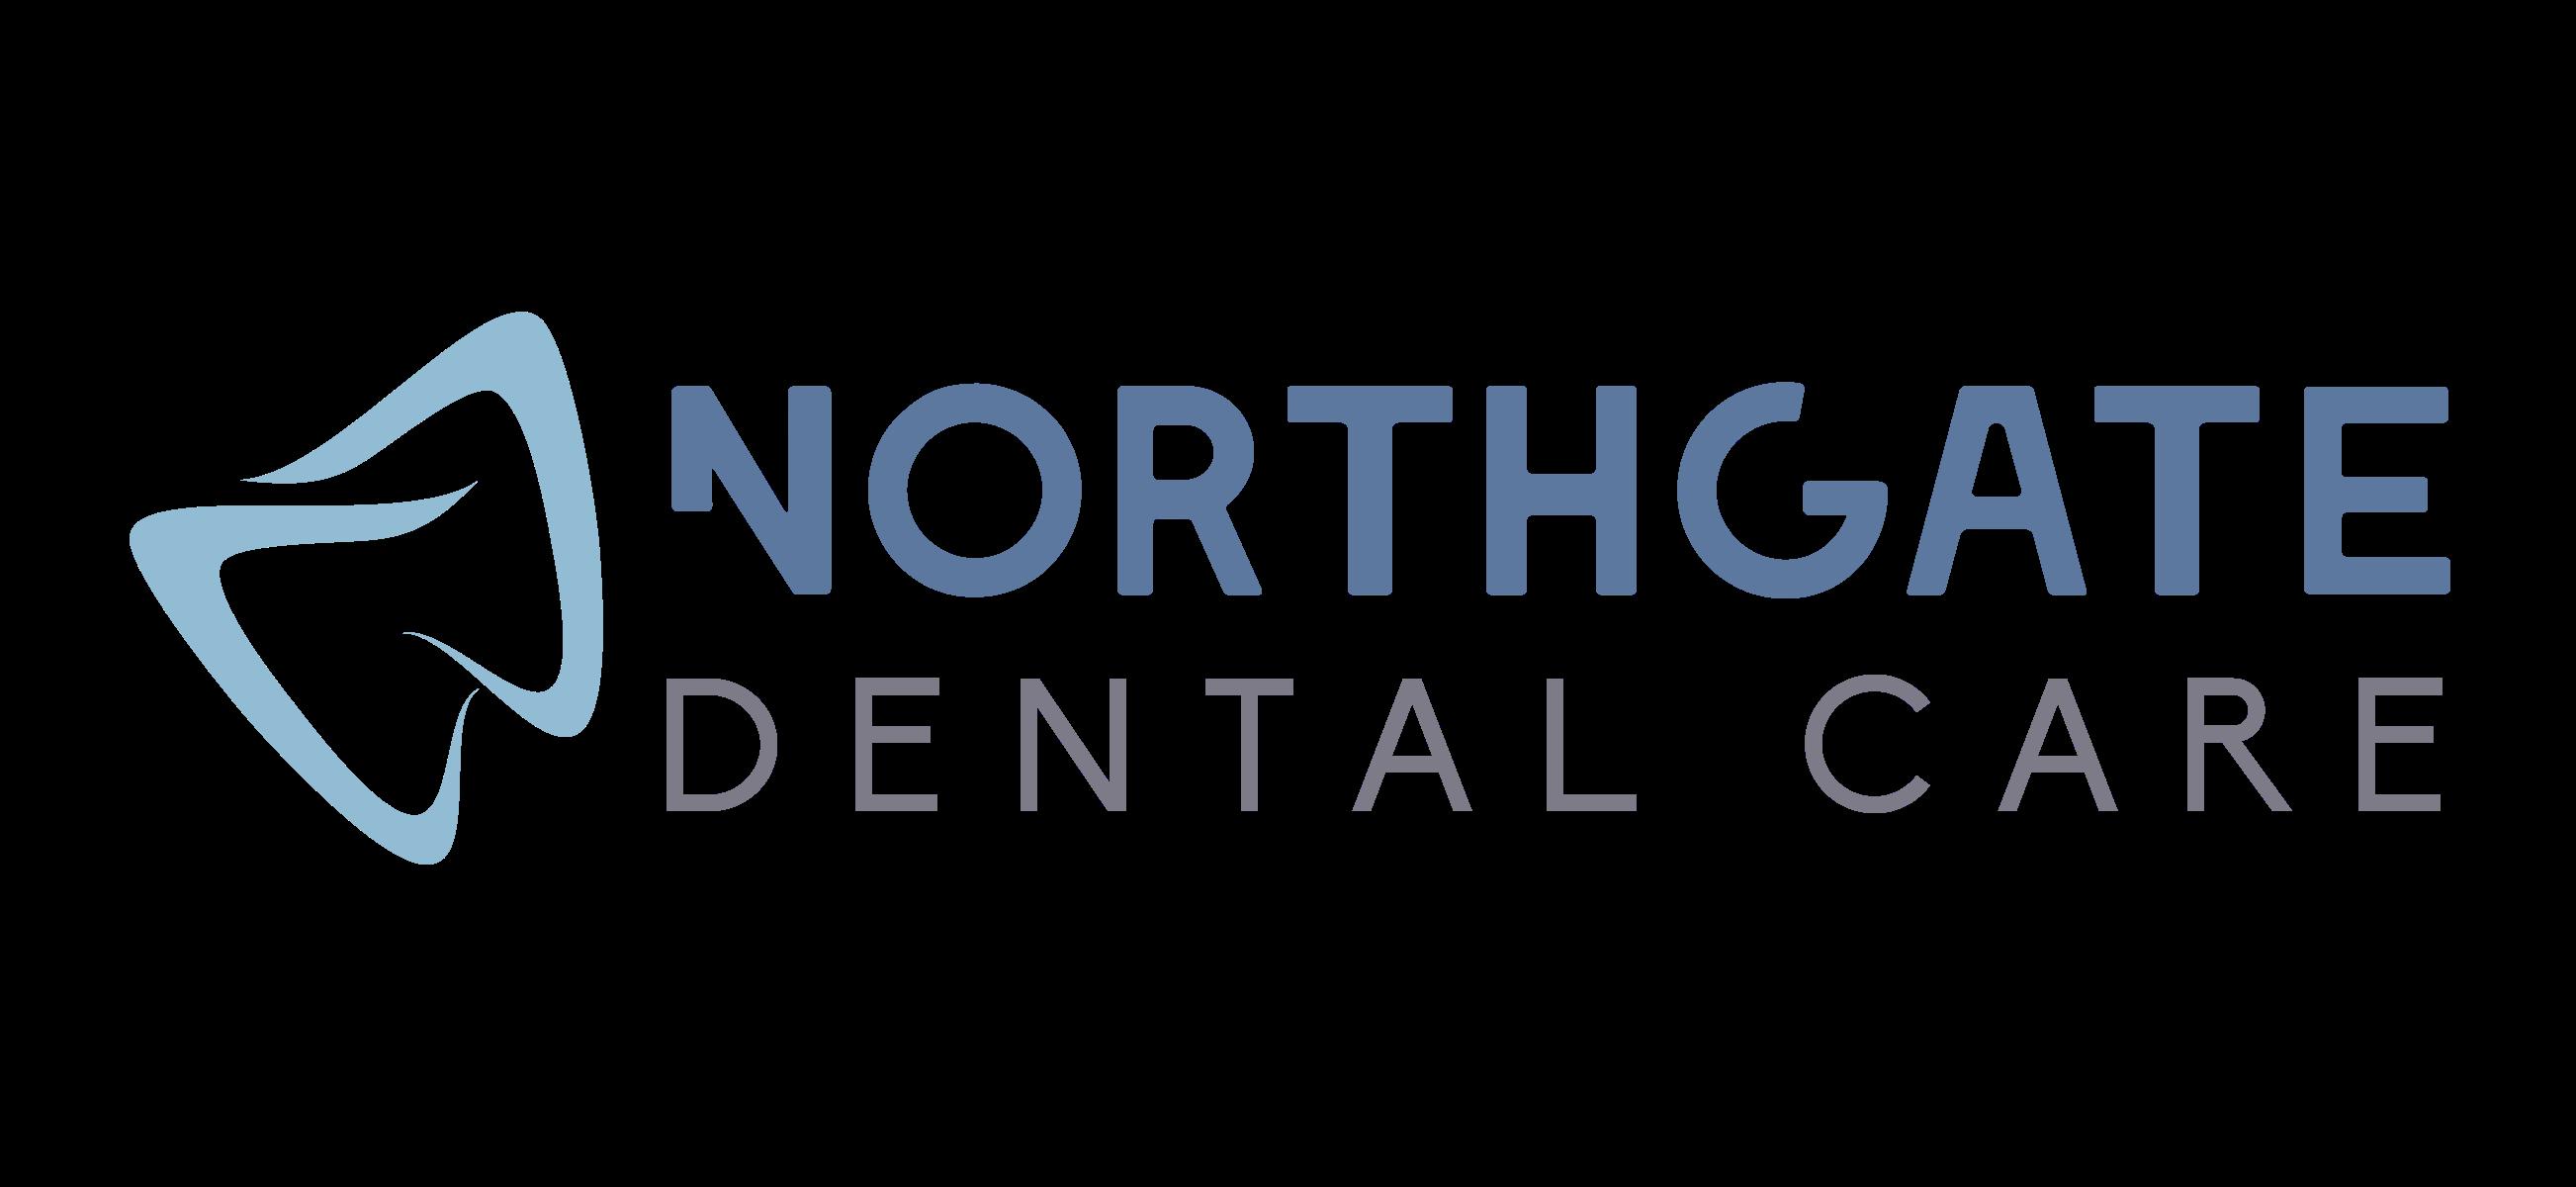 logo for Northgate Dental Care Dentists